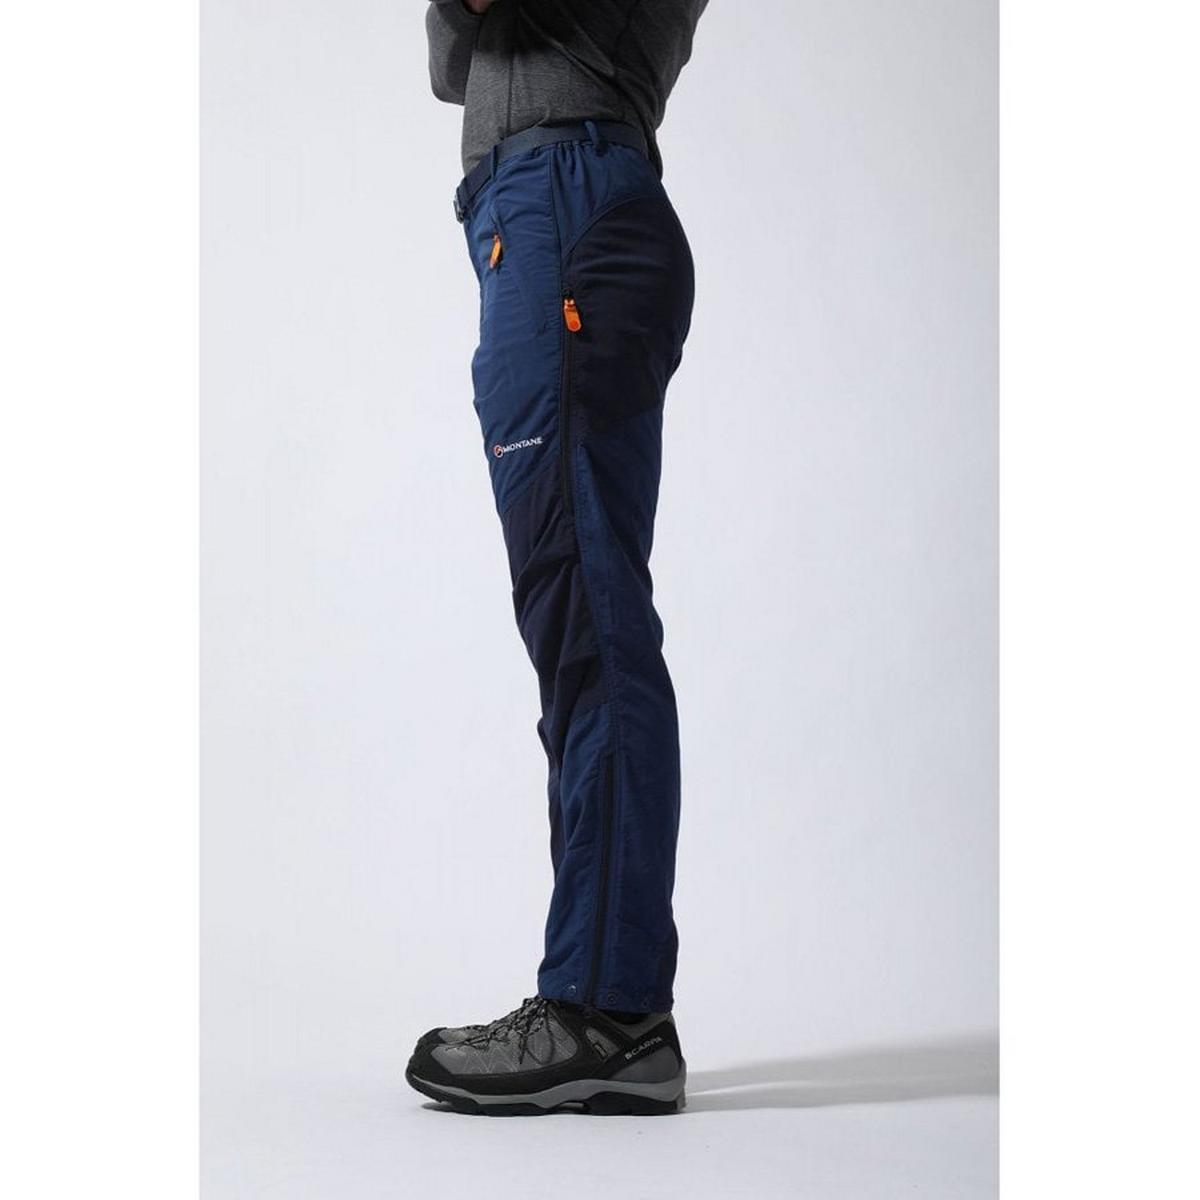 Montane Terra Pant Long Leg